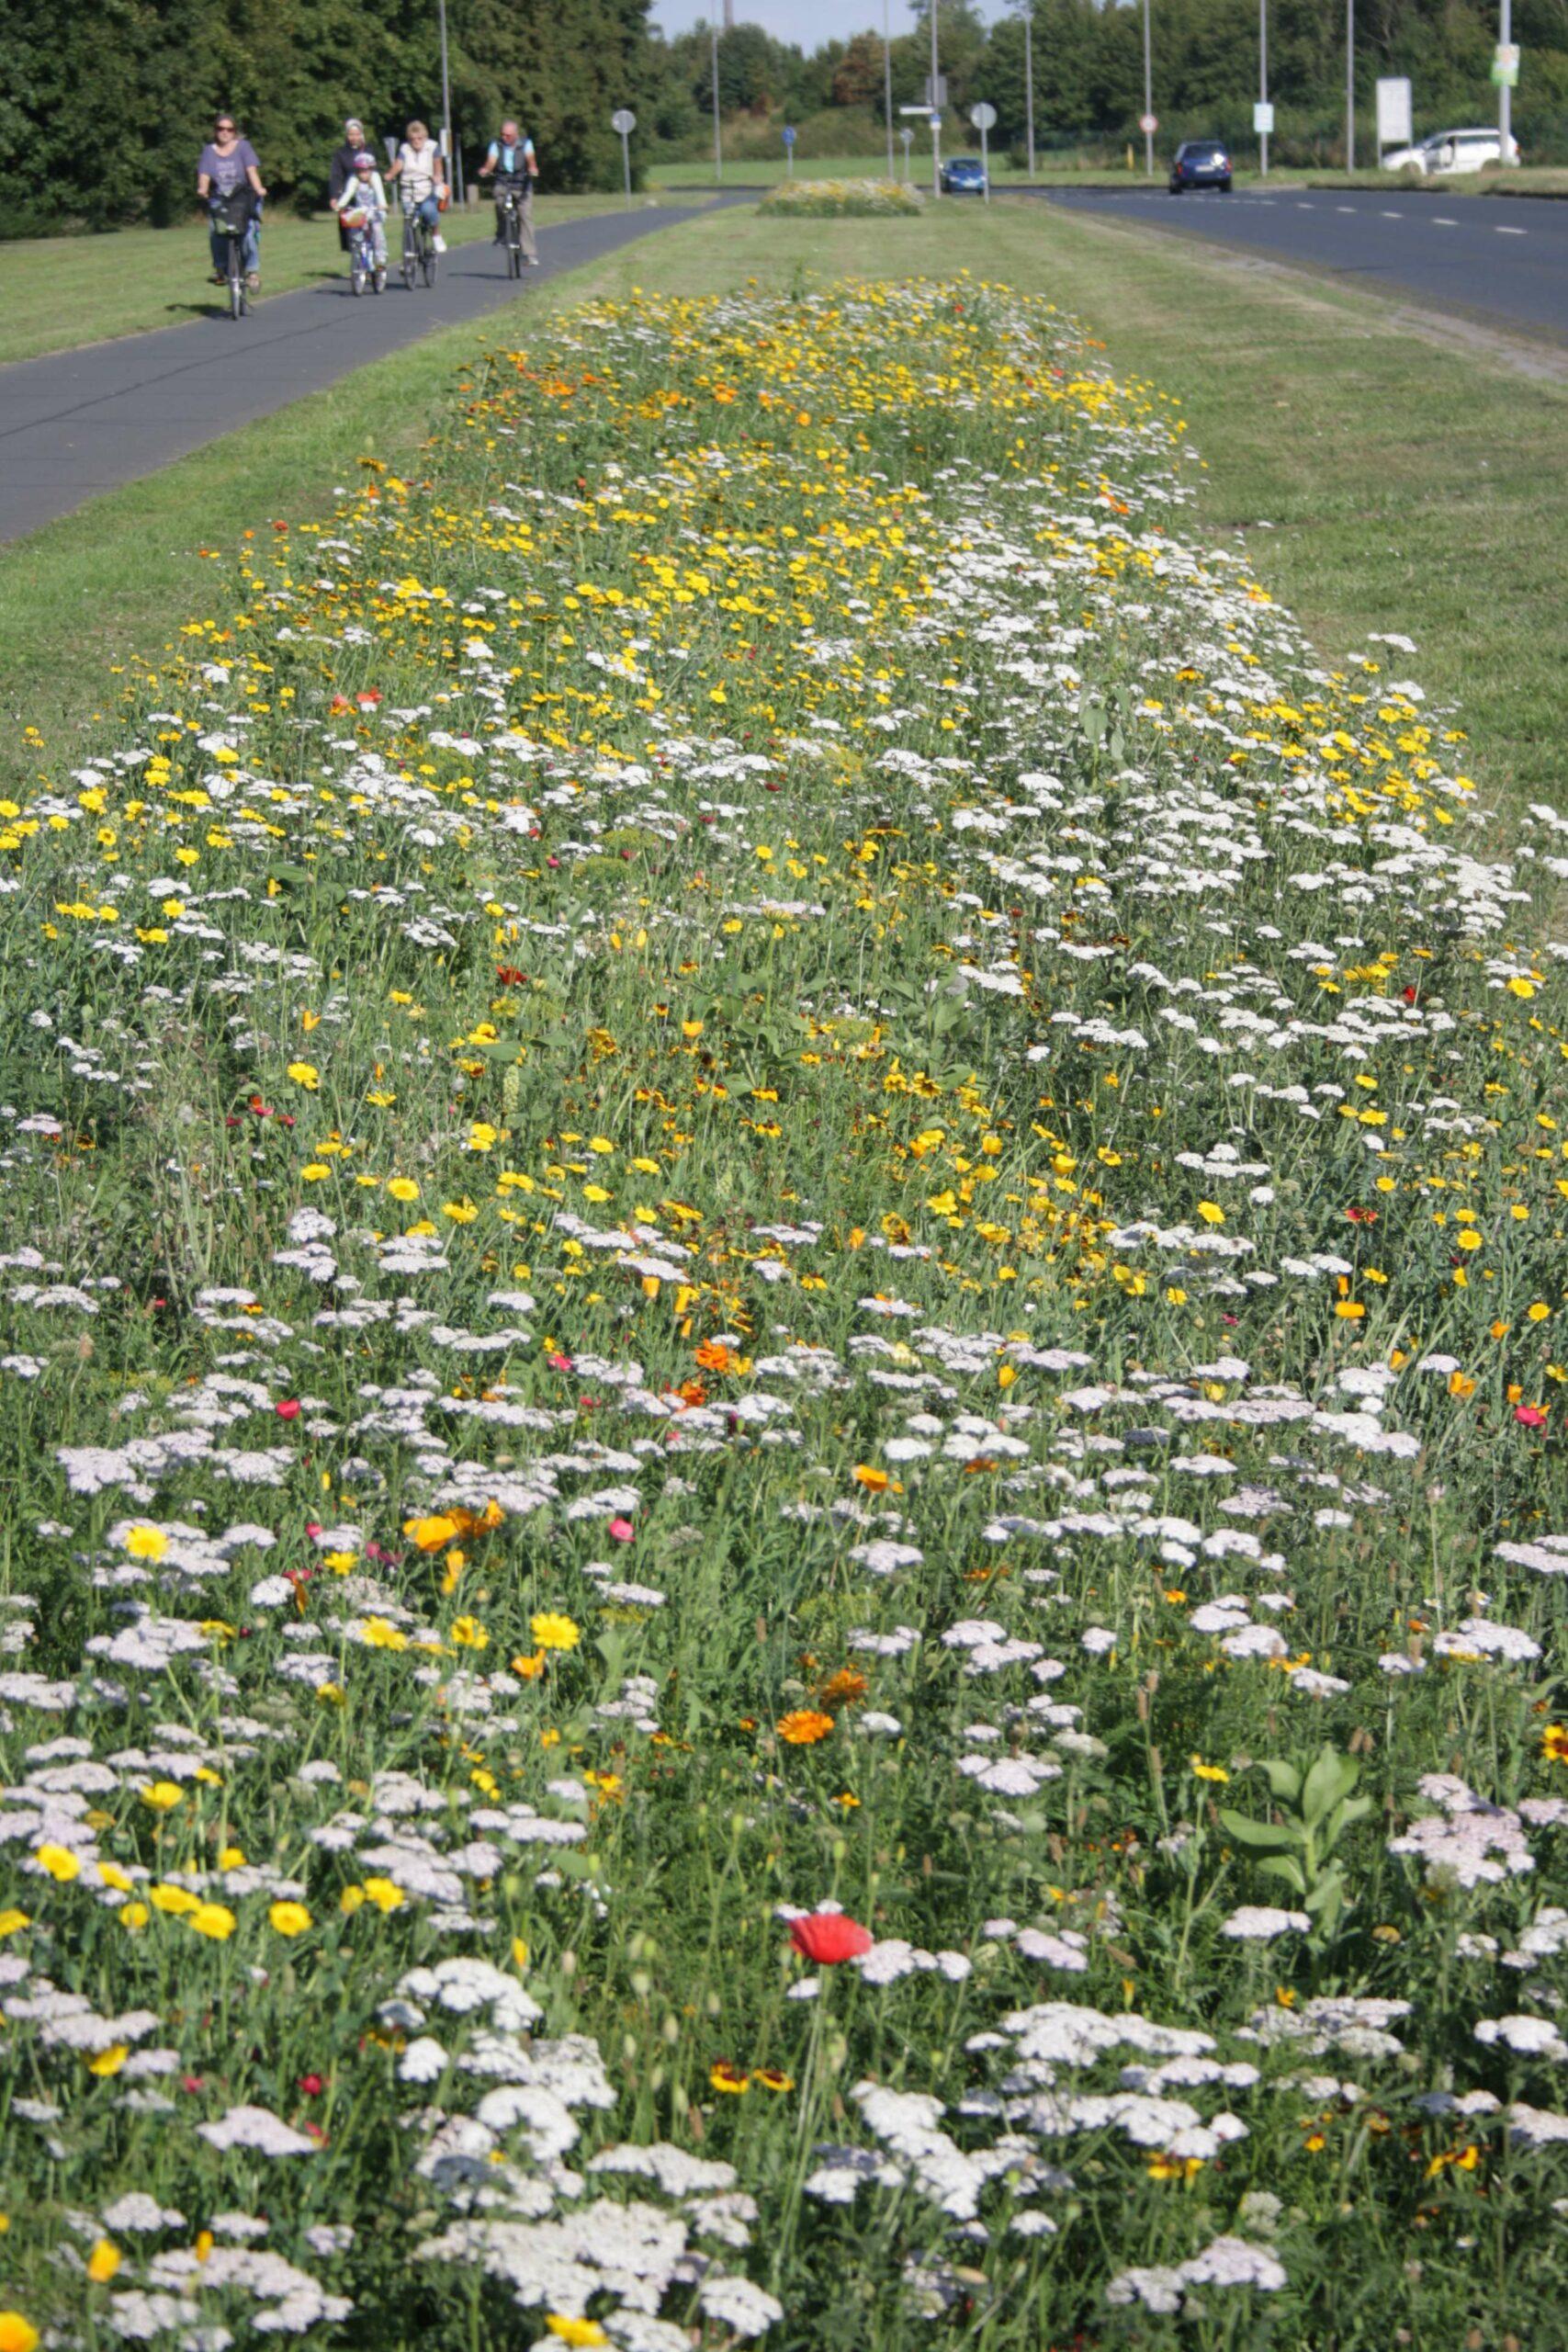 Blühstreifen am Straßenrand